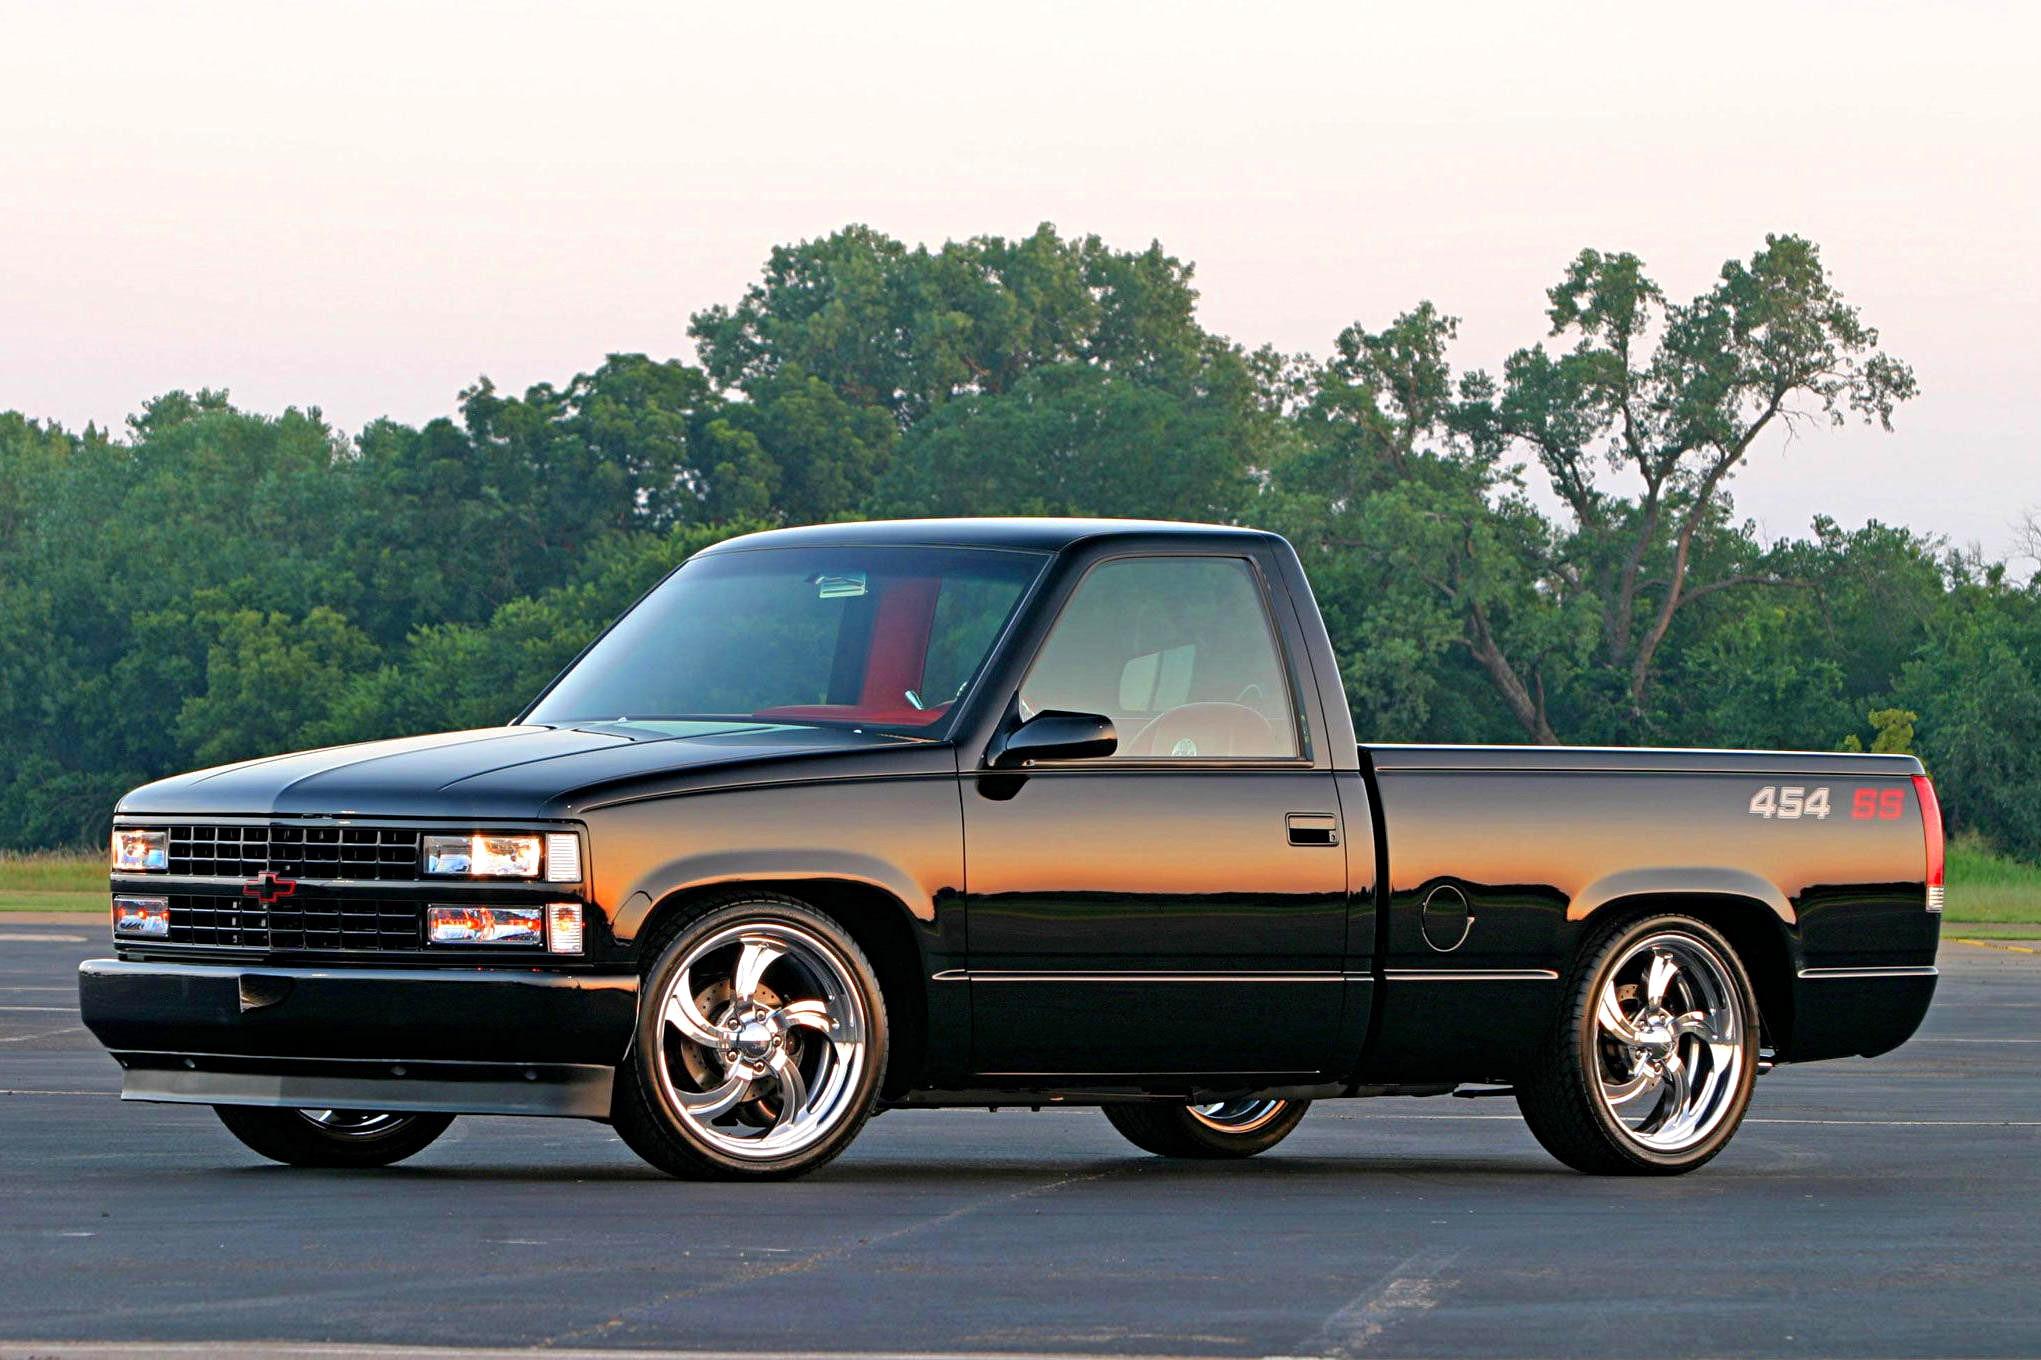 100 Years Of Chevy Trucks